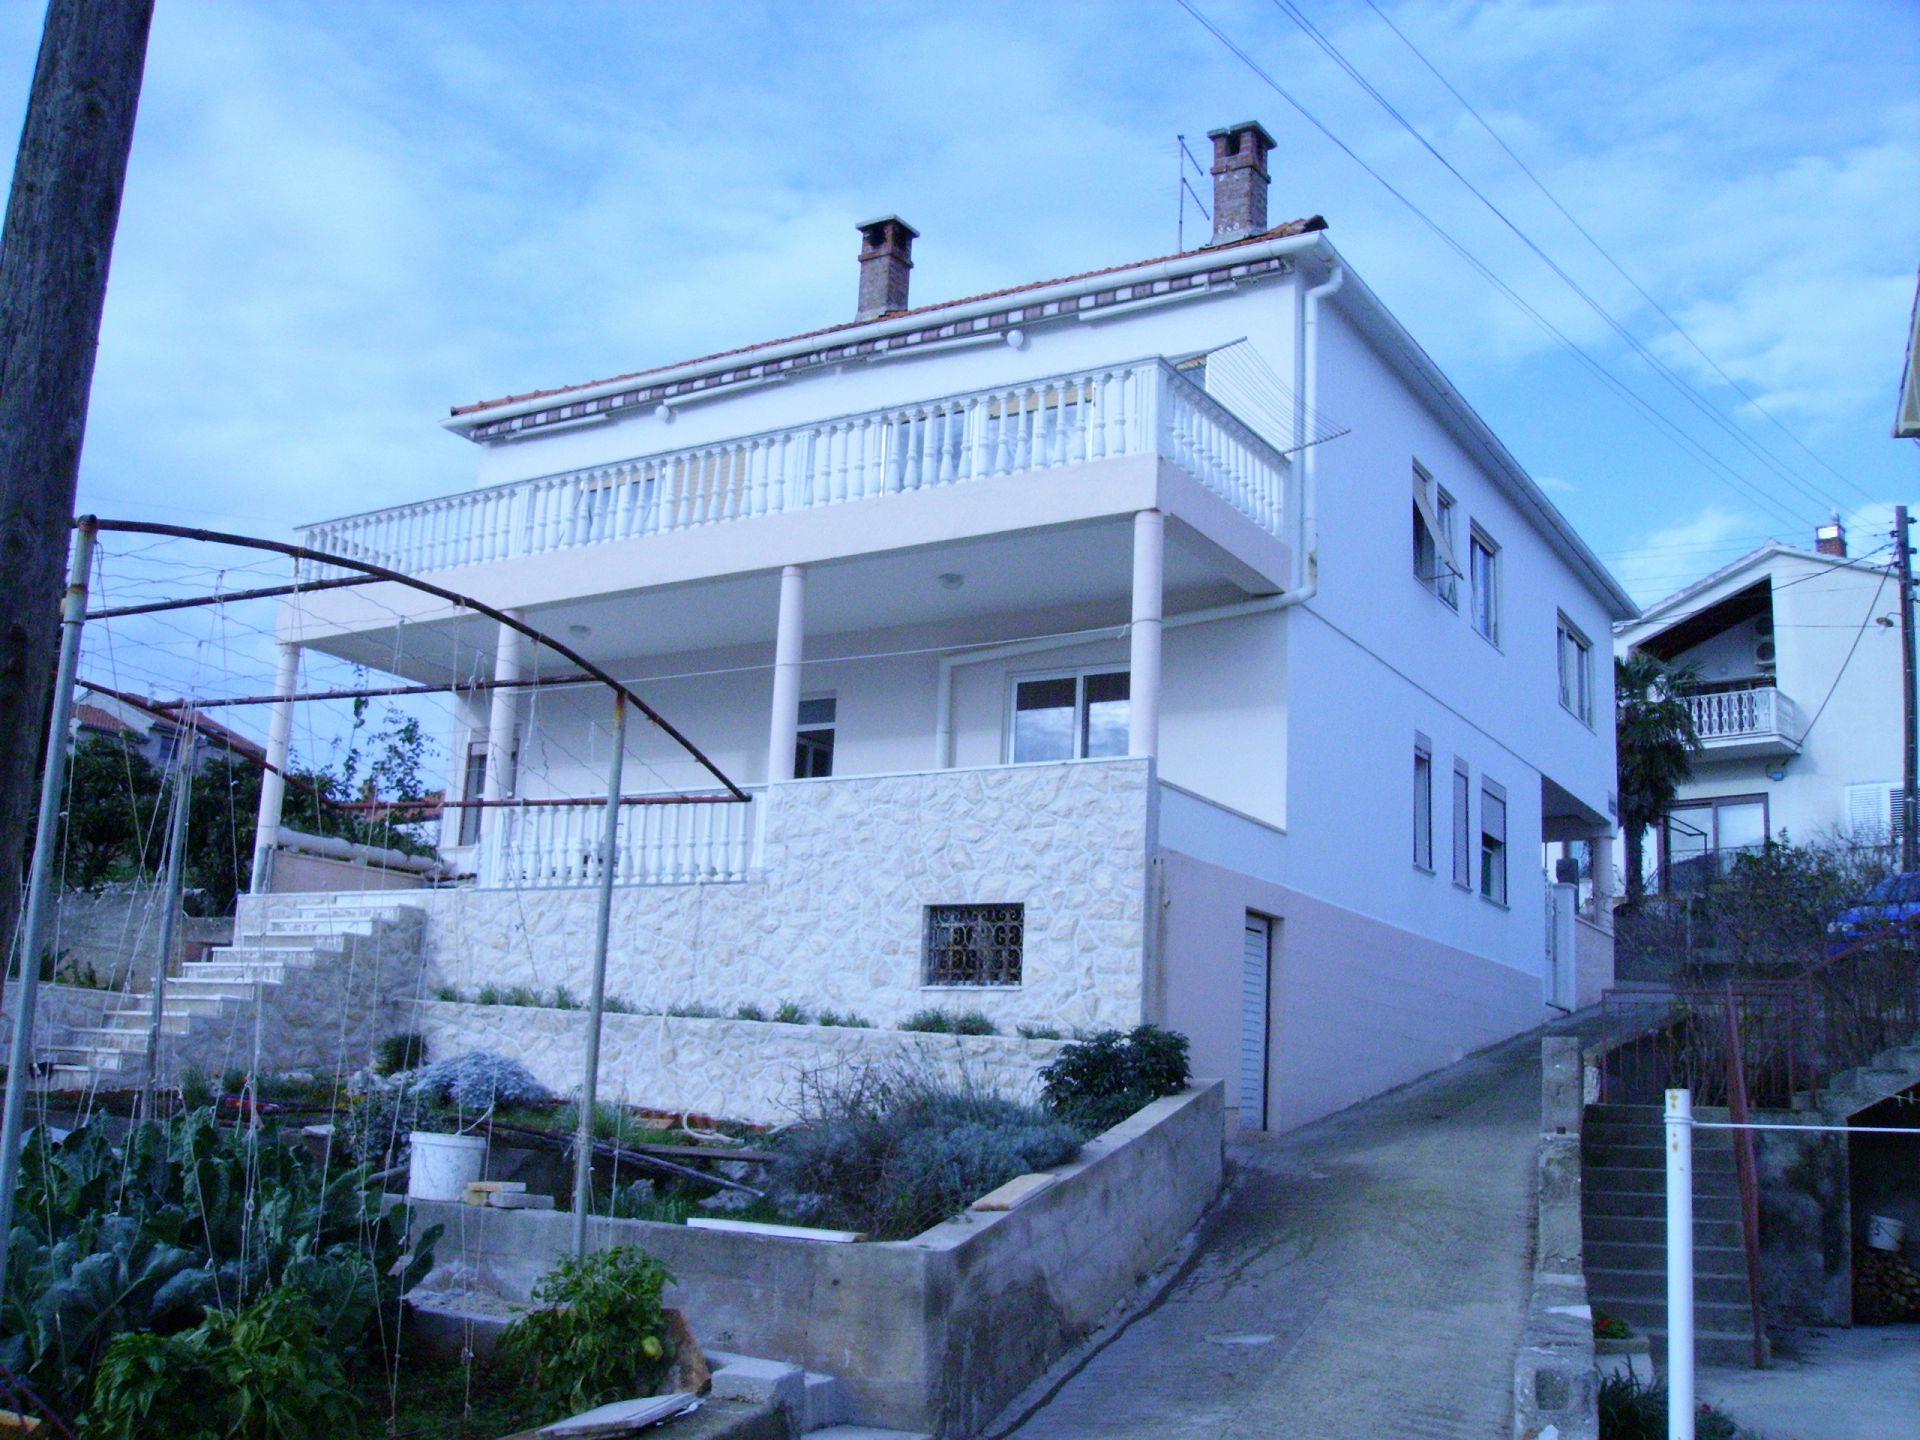 00719KALI - Kali - Appartementen Kroatië